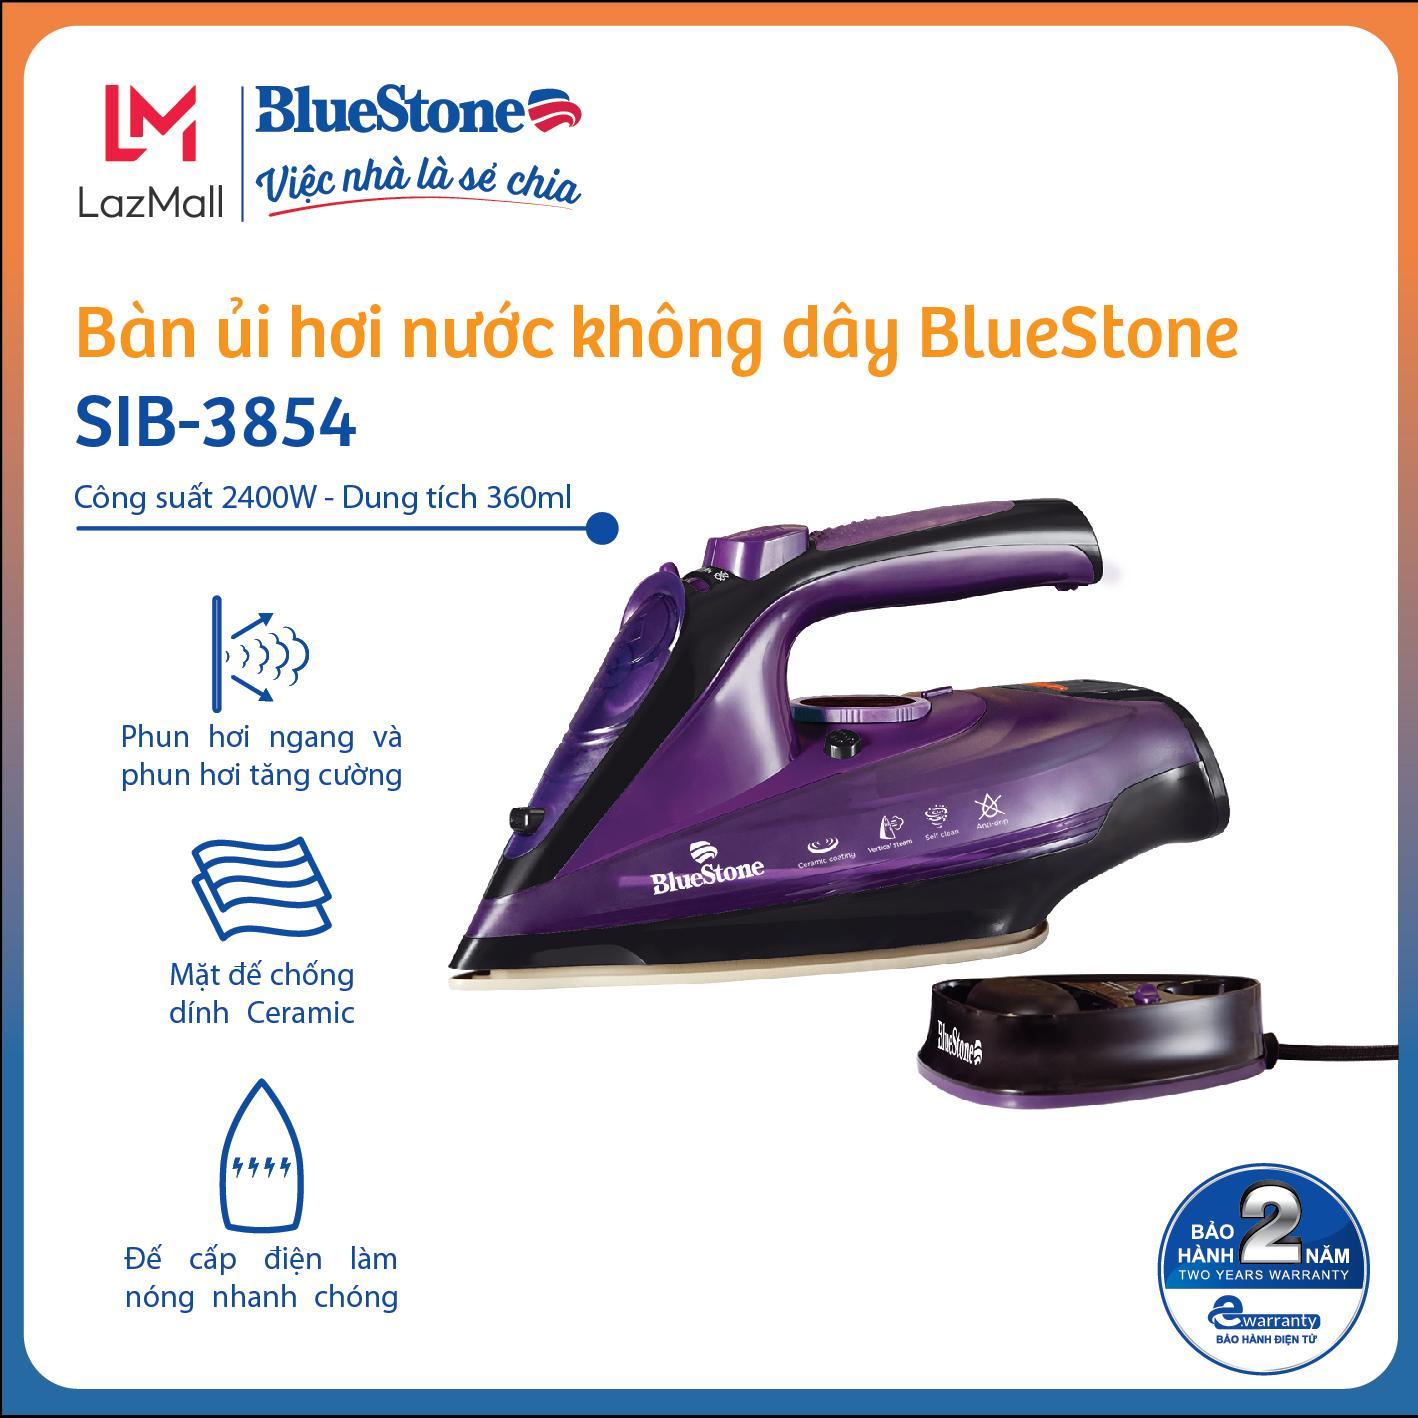 Bàn Ủi Hơi Nước không dây BlueStone SIB-3854 (2400W) - Mặt đế chông dinh Ceramic cao cấp - Đa mức độ nhiệt và hơi phù hợp nhiều loại vải- Bảo hành 24 tháng- Hàng Chính Hãng